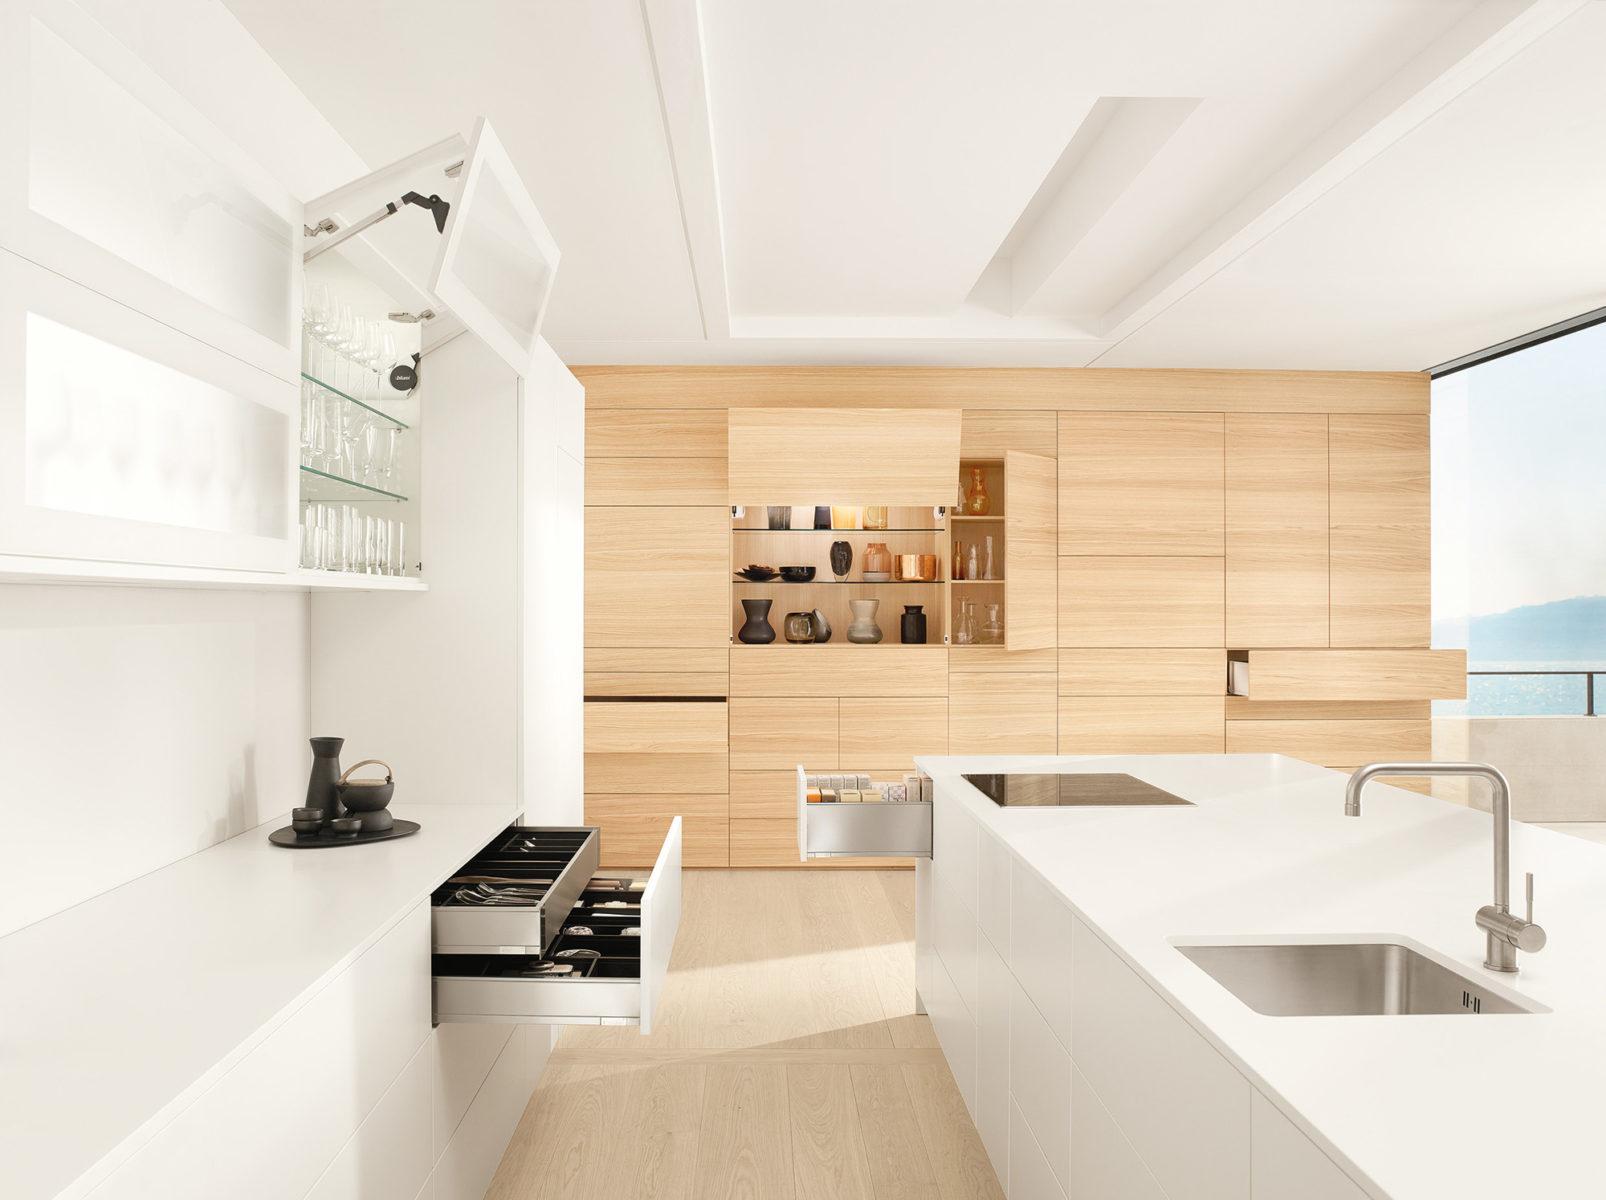 Світла острівна кухня з фурнітурою Блюм – вишукана та функціональна